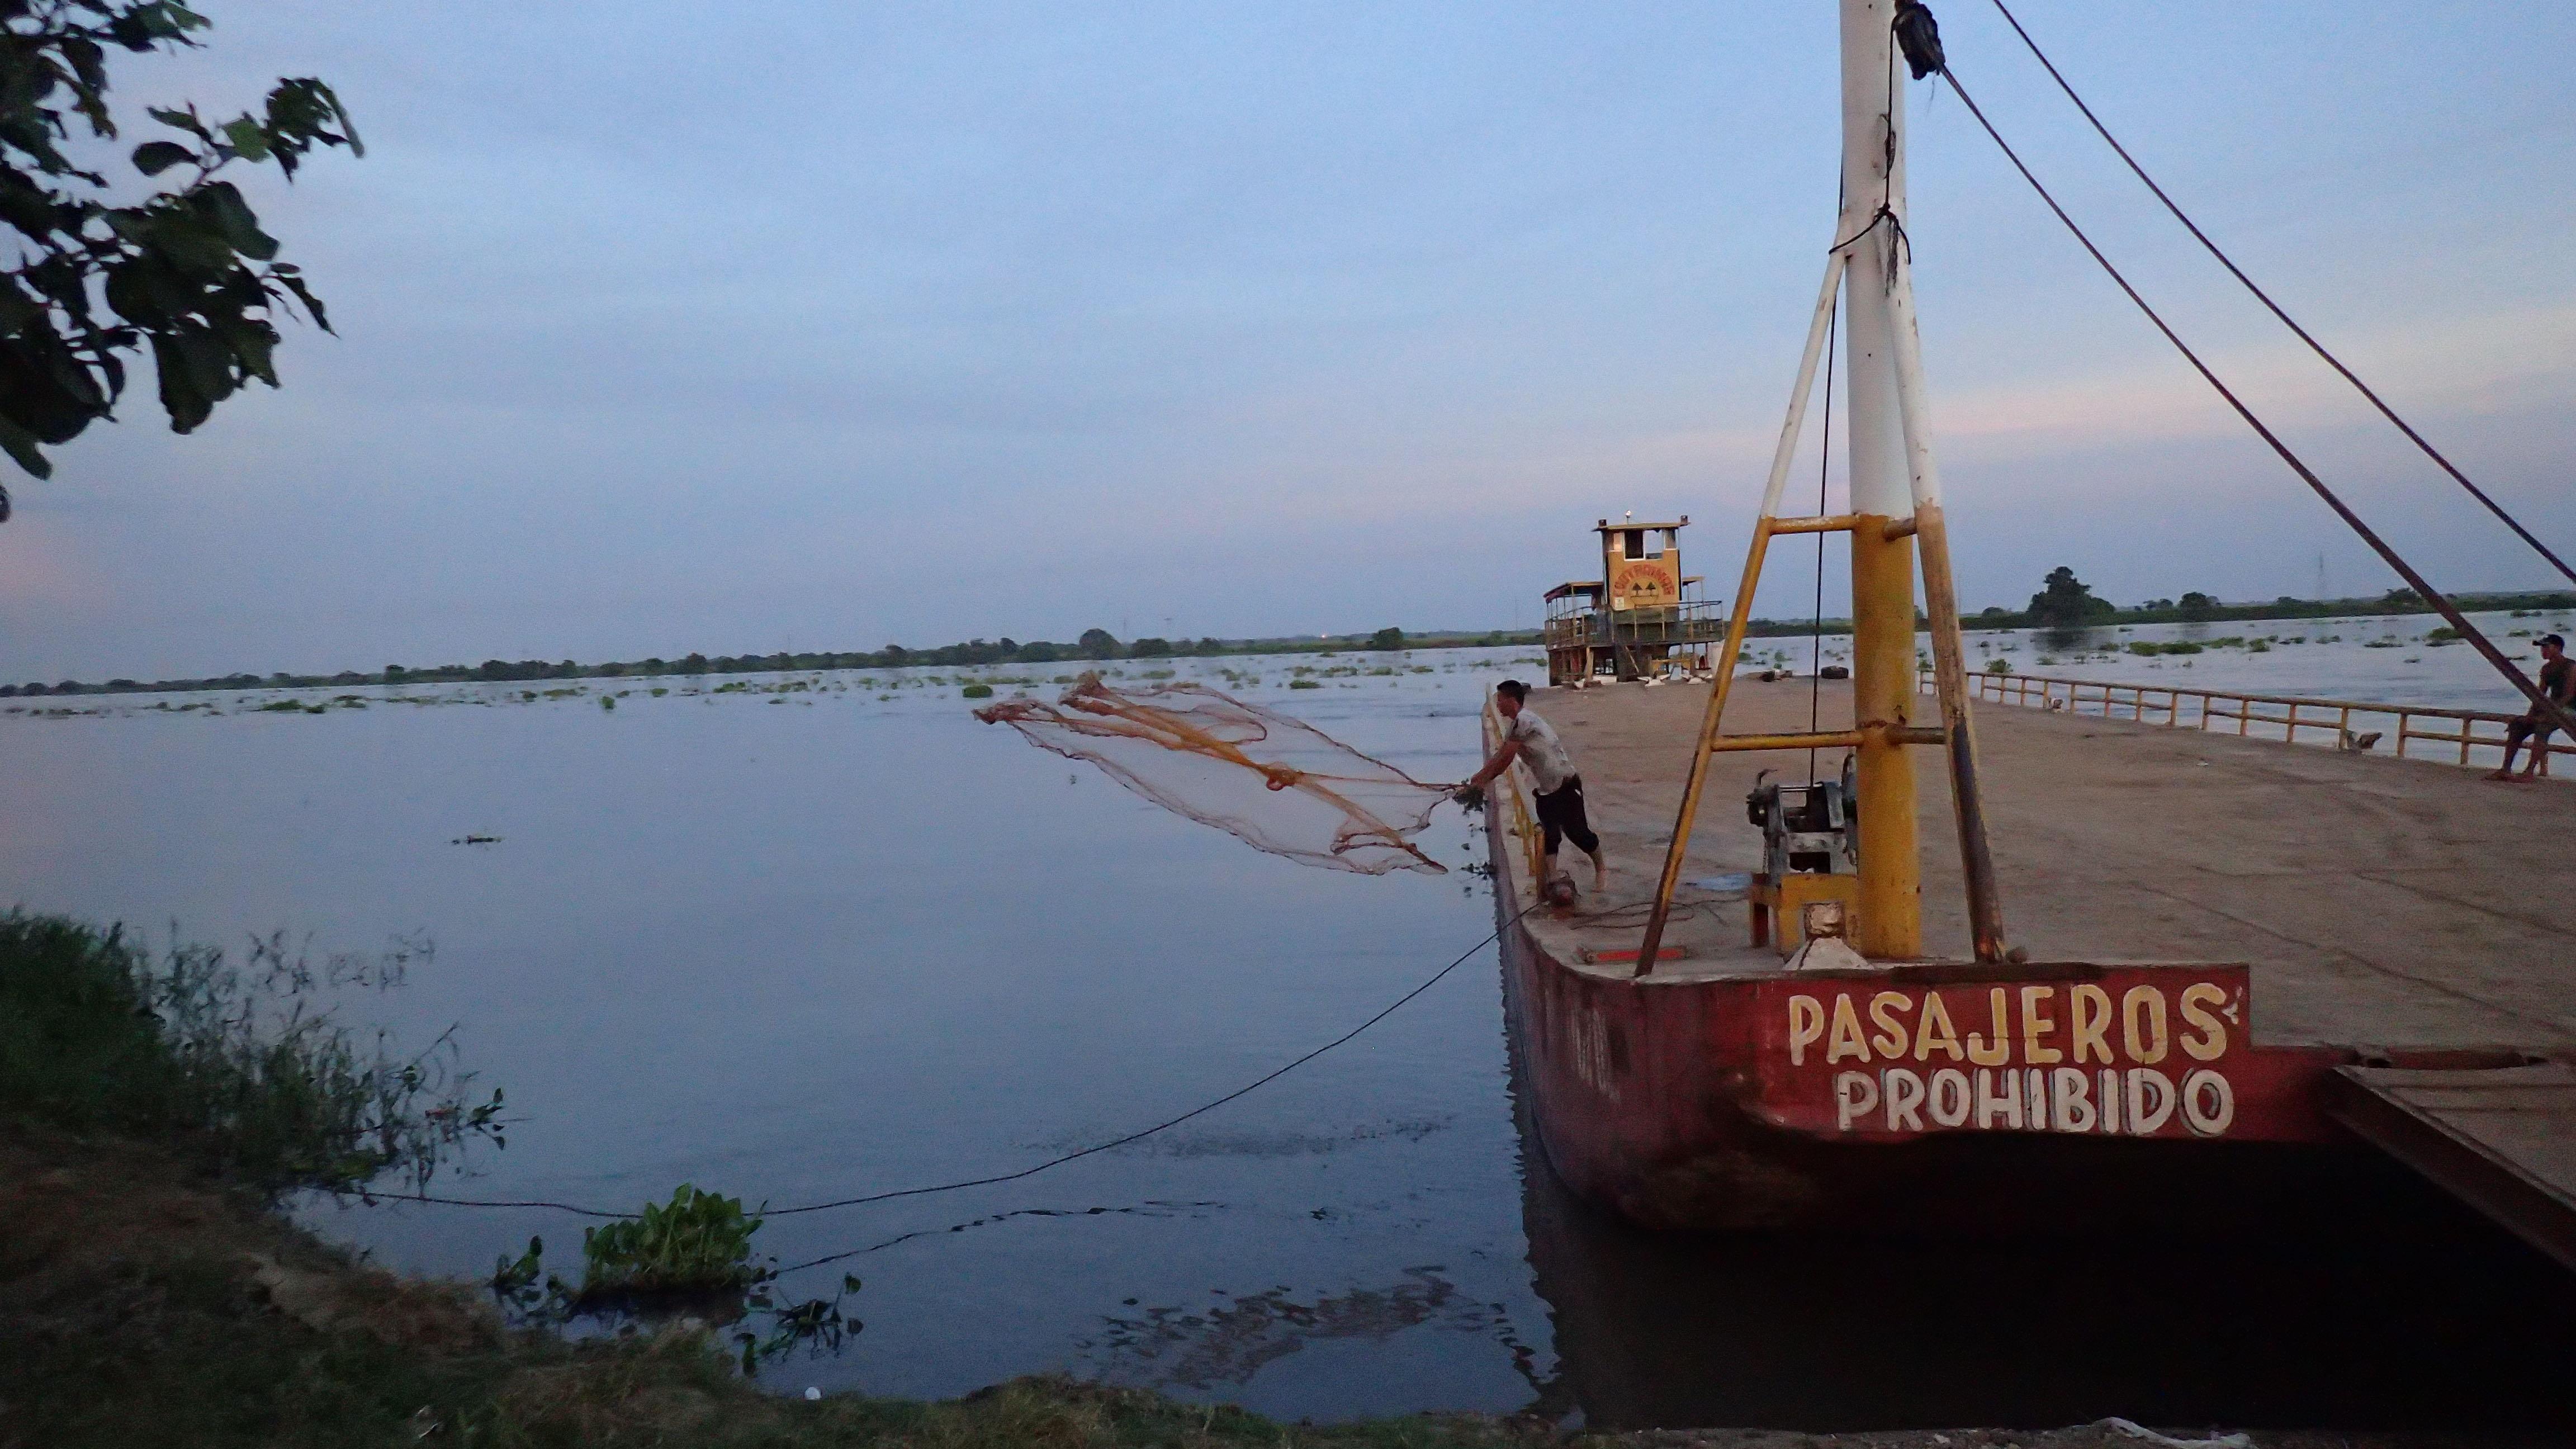 En attendant le ferry sert de quai pour la pêche